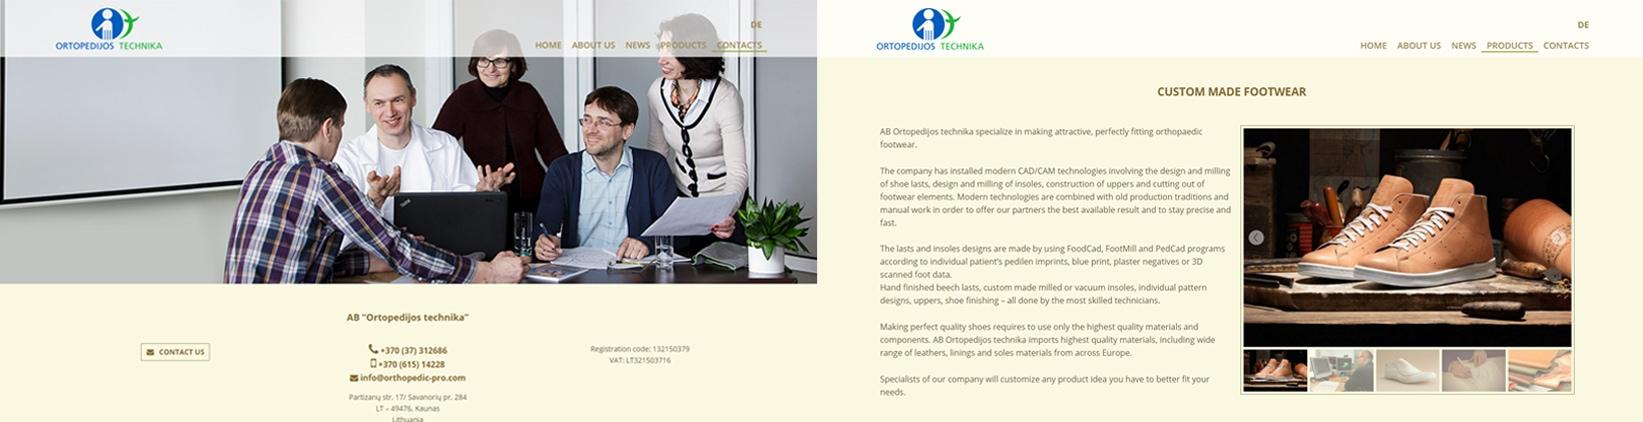 Ortopedija.lt puslapio dizainas, kuri sukure foxiAD